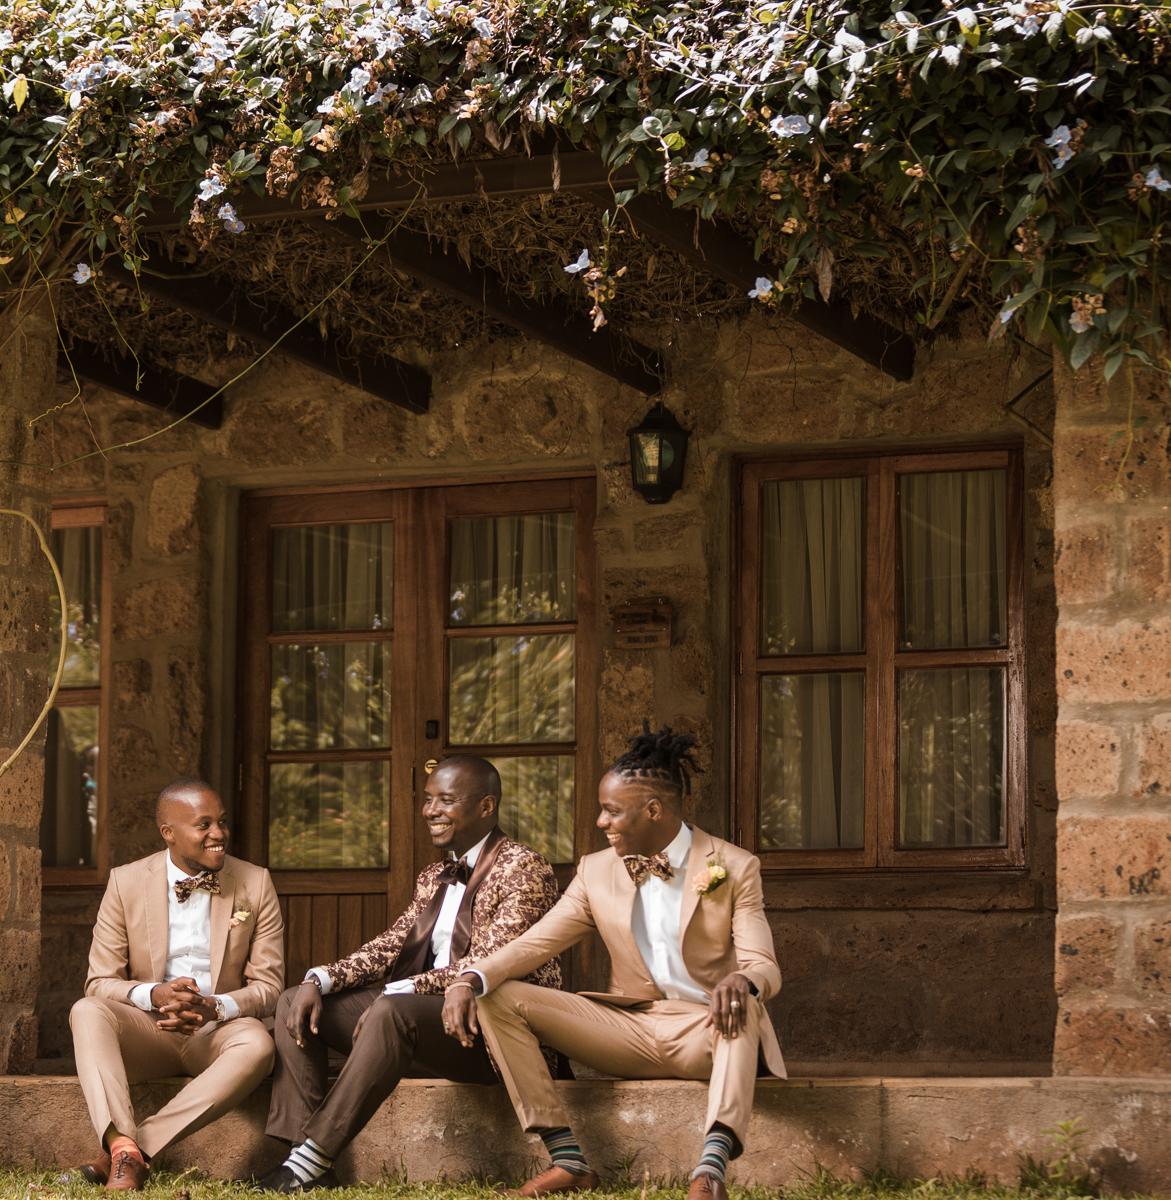 Emily weds Alvin photo shoot at The Residences At Karen Country Club Karen Rd Nairobi Kenya